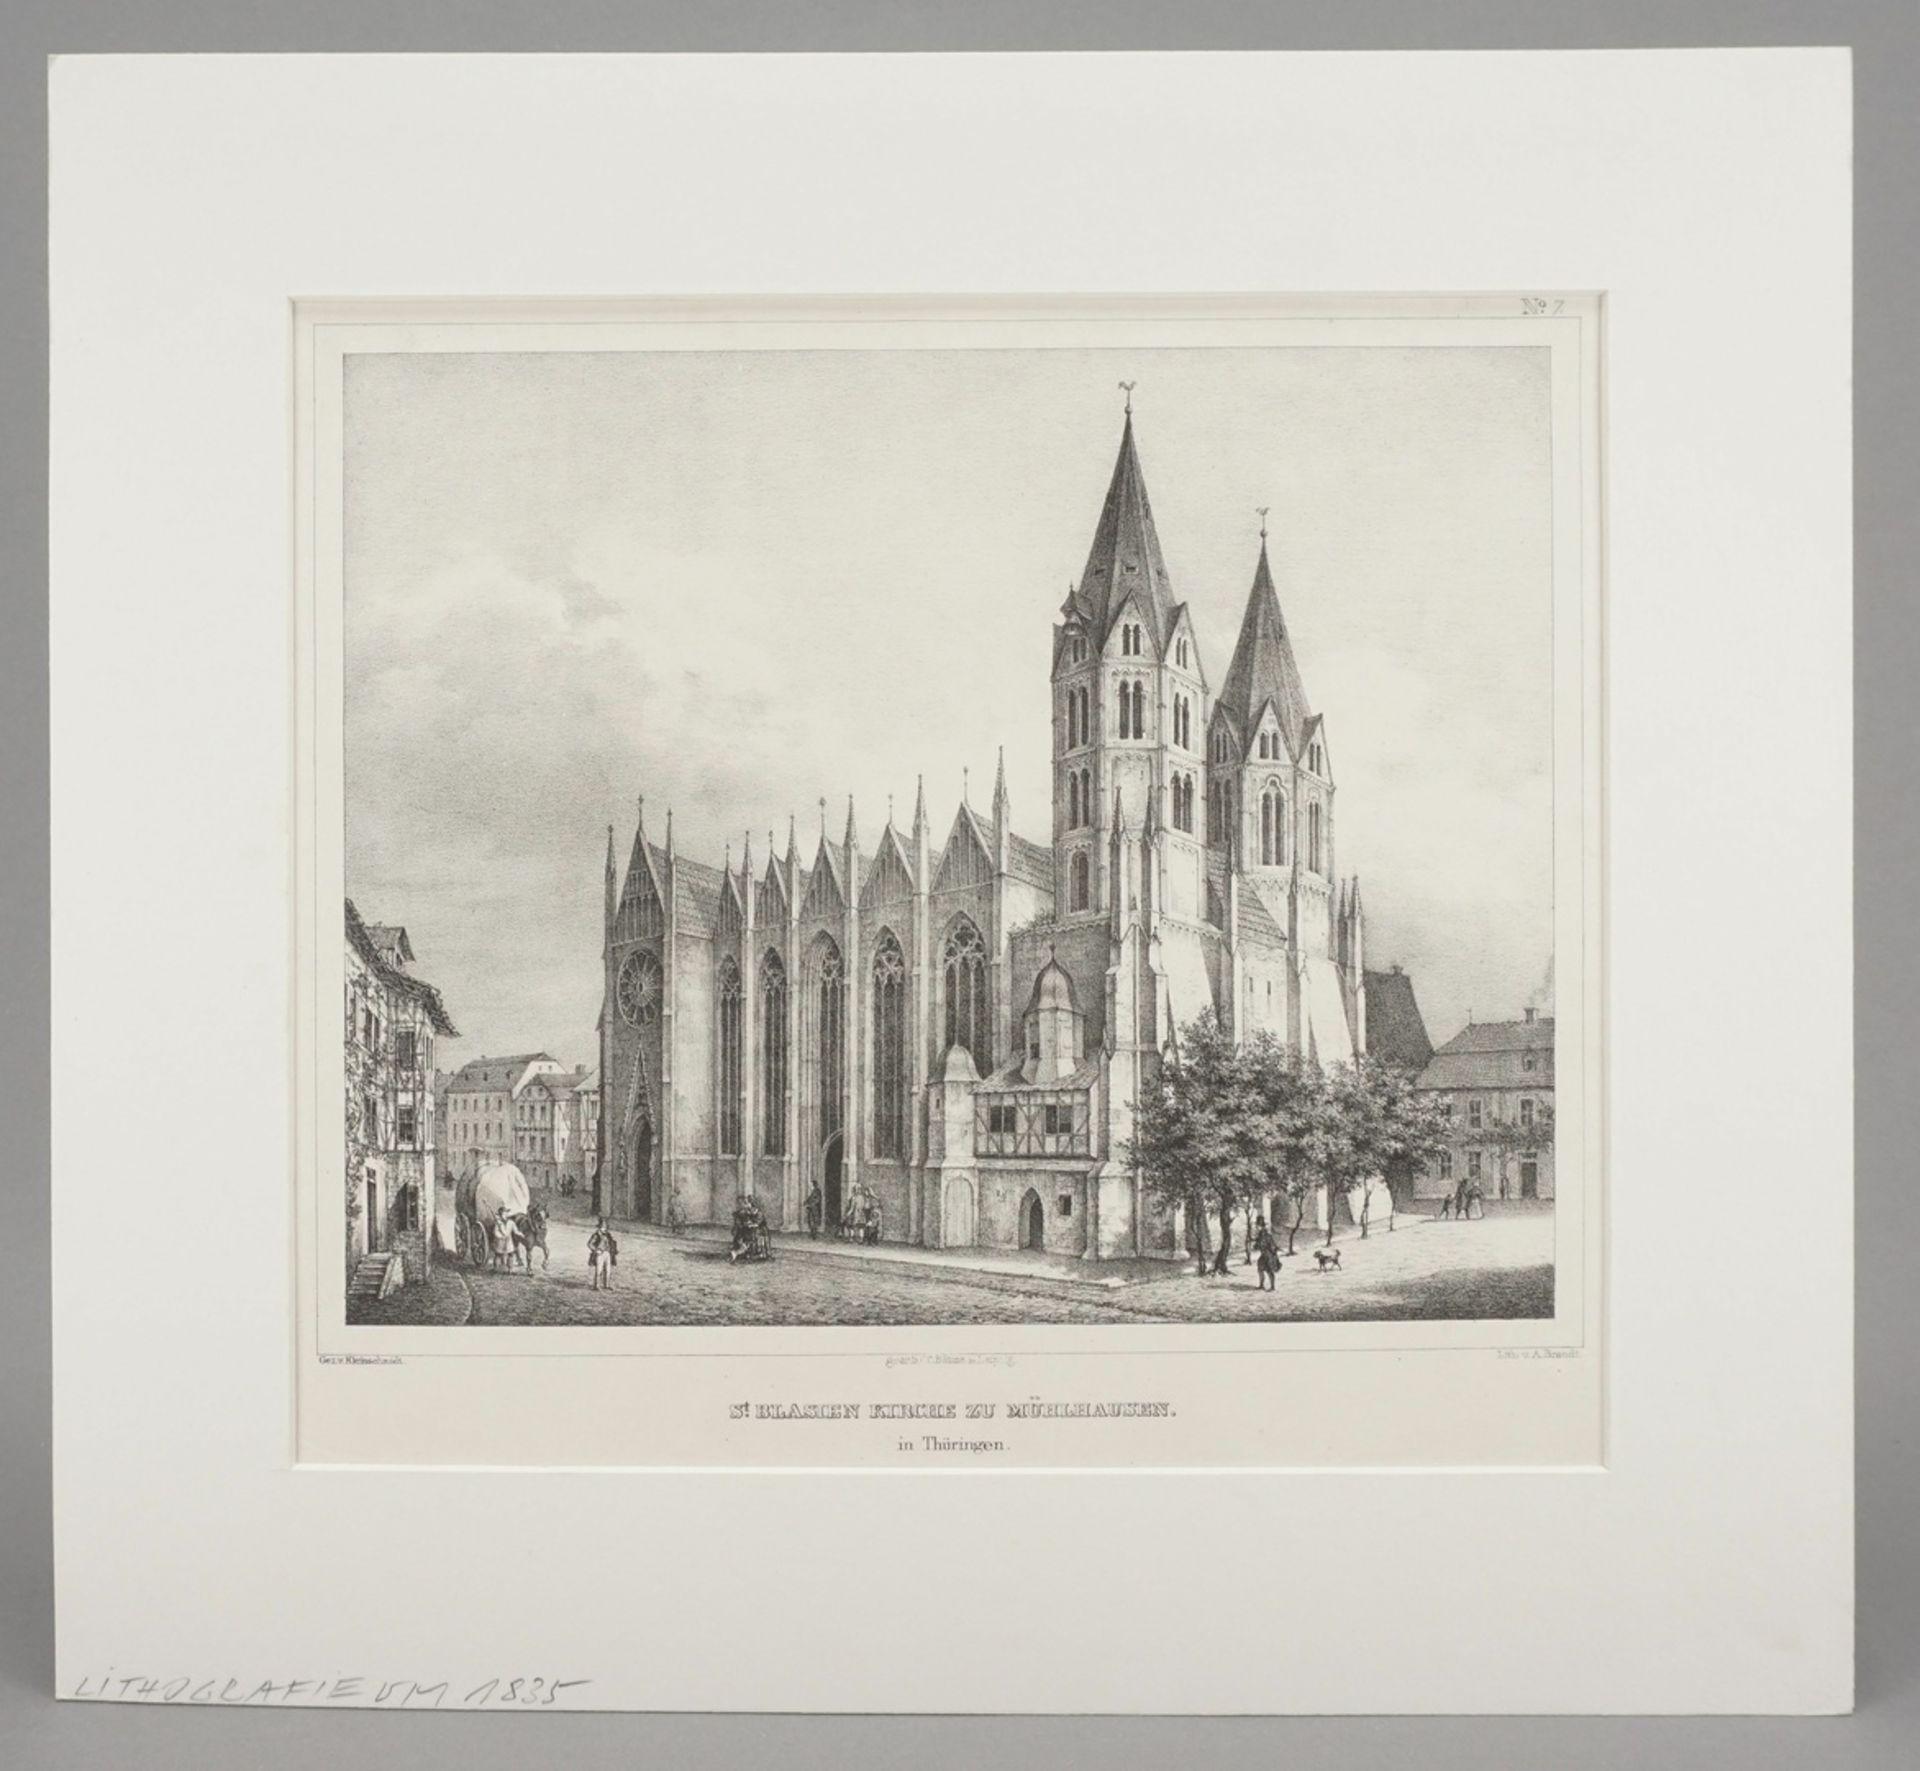 St. Blasien Kirche zu Mühlhausen in Thüringen - Bild 2 aus 3